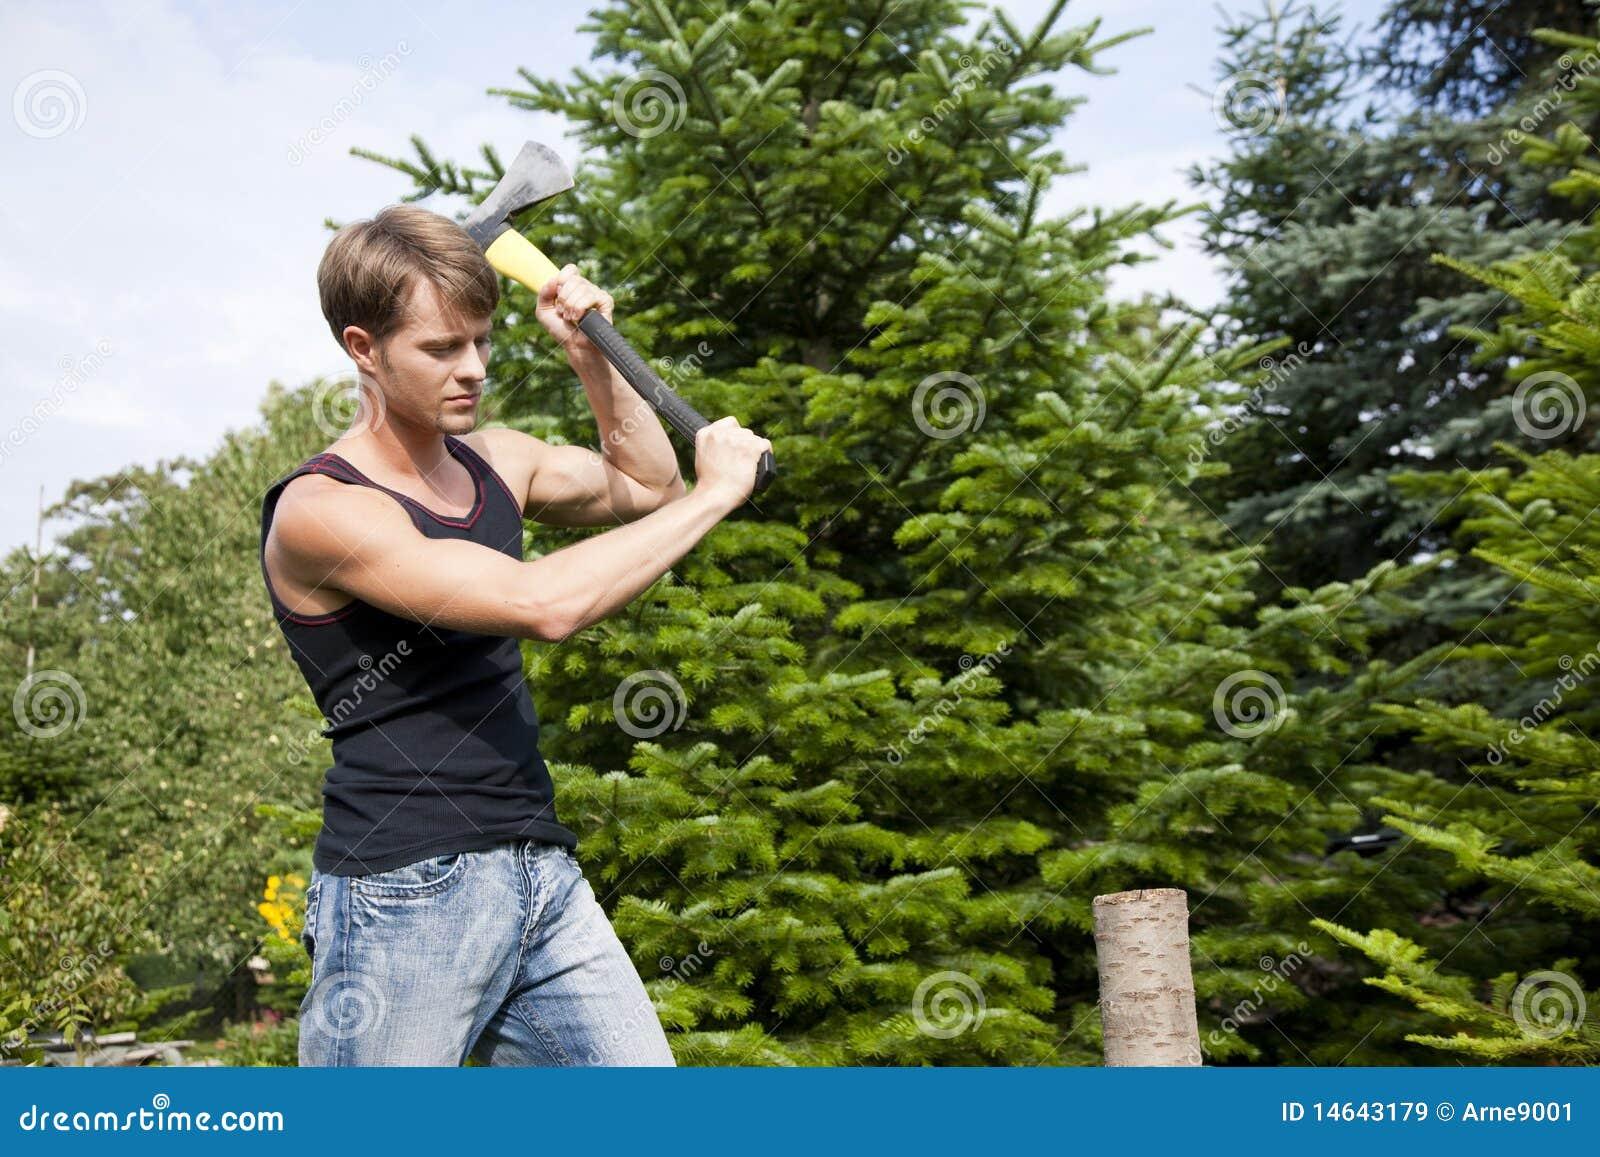 Homme coupant le bois dans son jardin images libres de for Trouver de l or dans son jardin